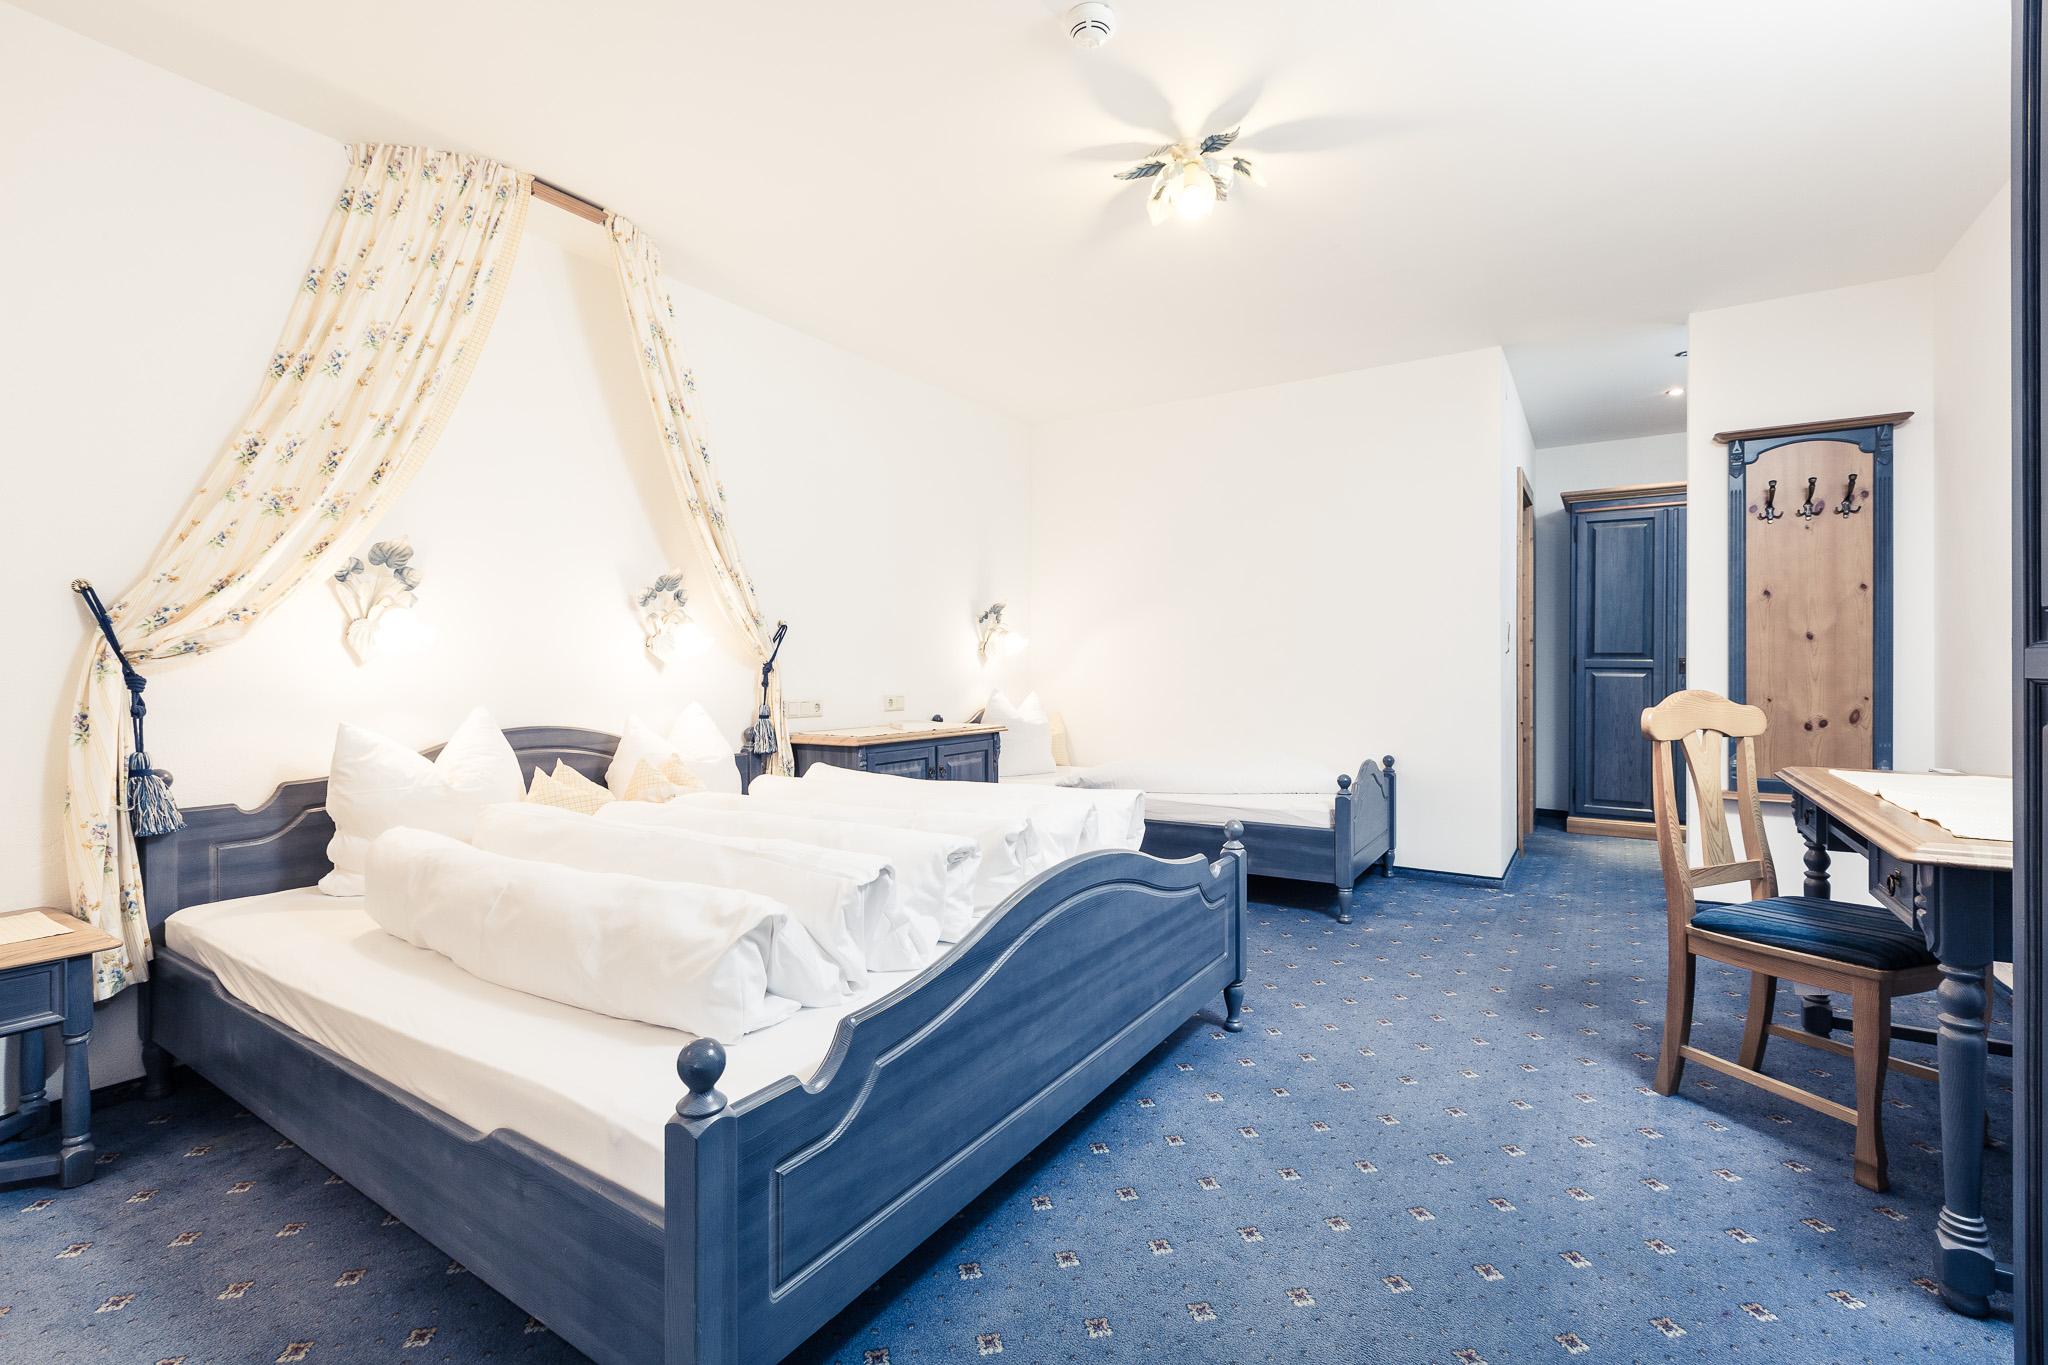 Appartement Urlaub in SoeldenAppartement Urlaub in Soelden